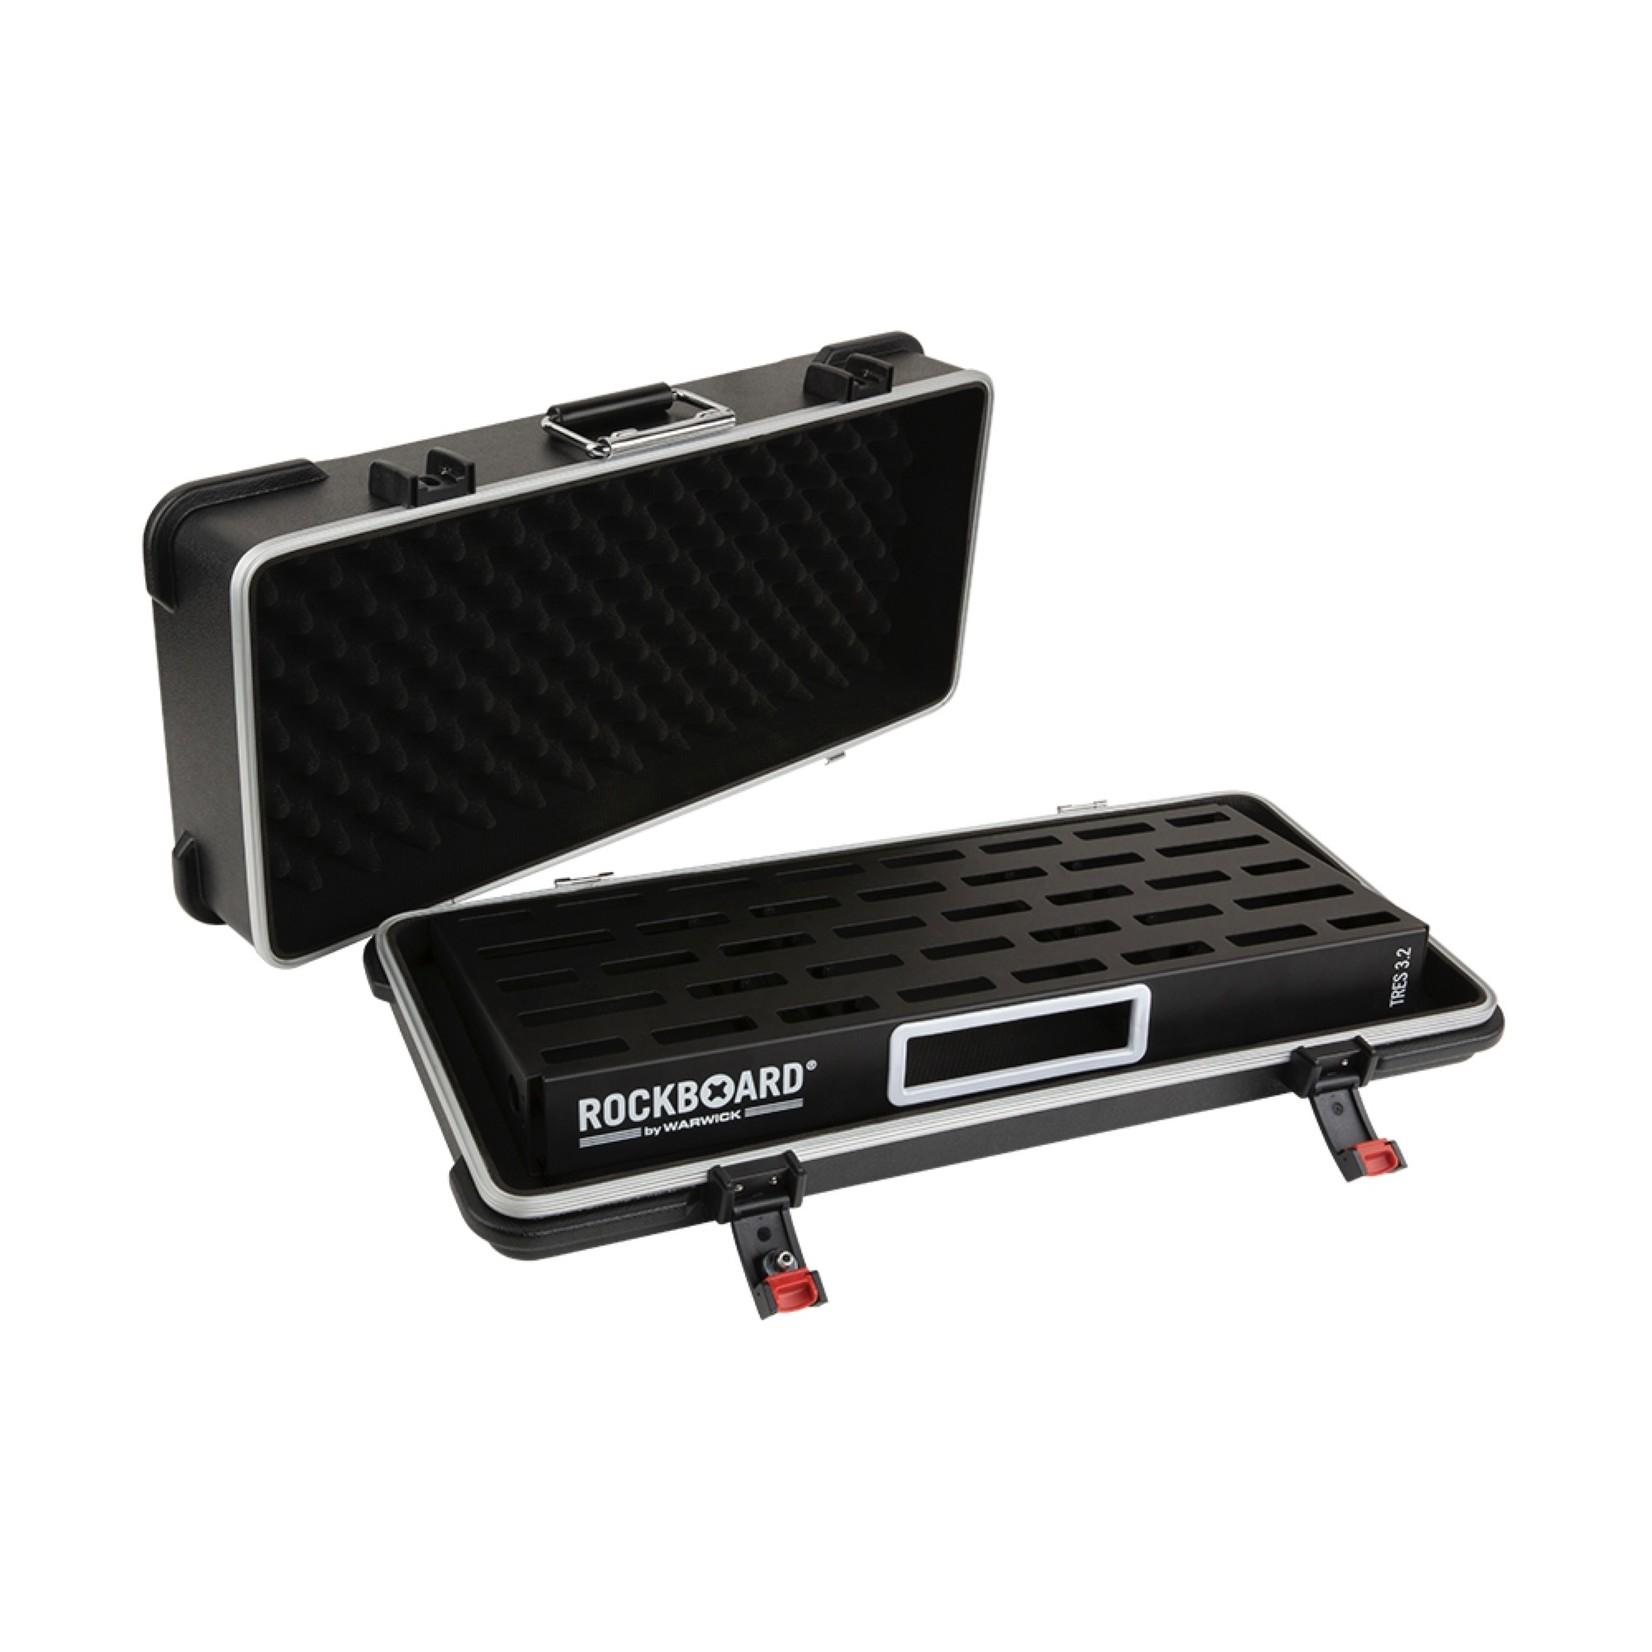 Rockboard RockBoard TRES 3.2, Pedalboard with ABS (Hardshell) Case - Preferred Dealer!